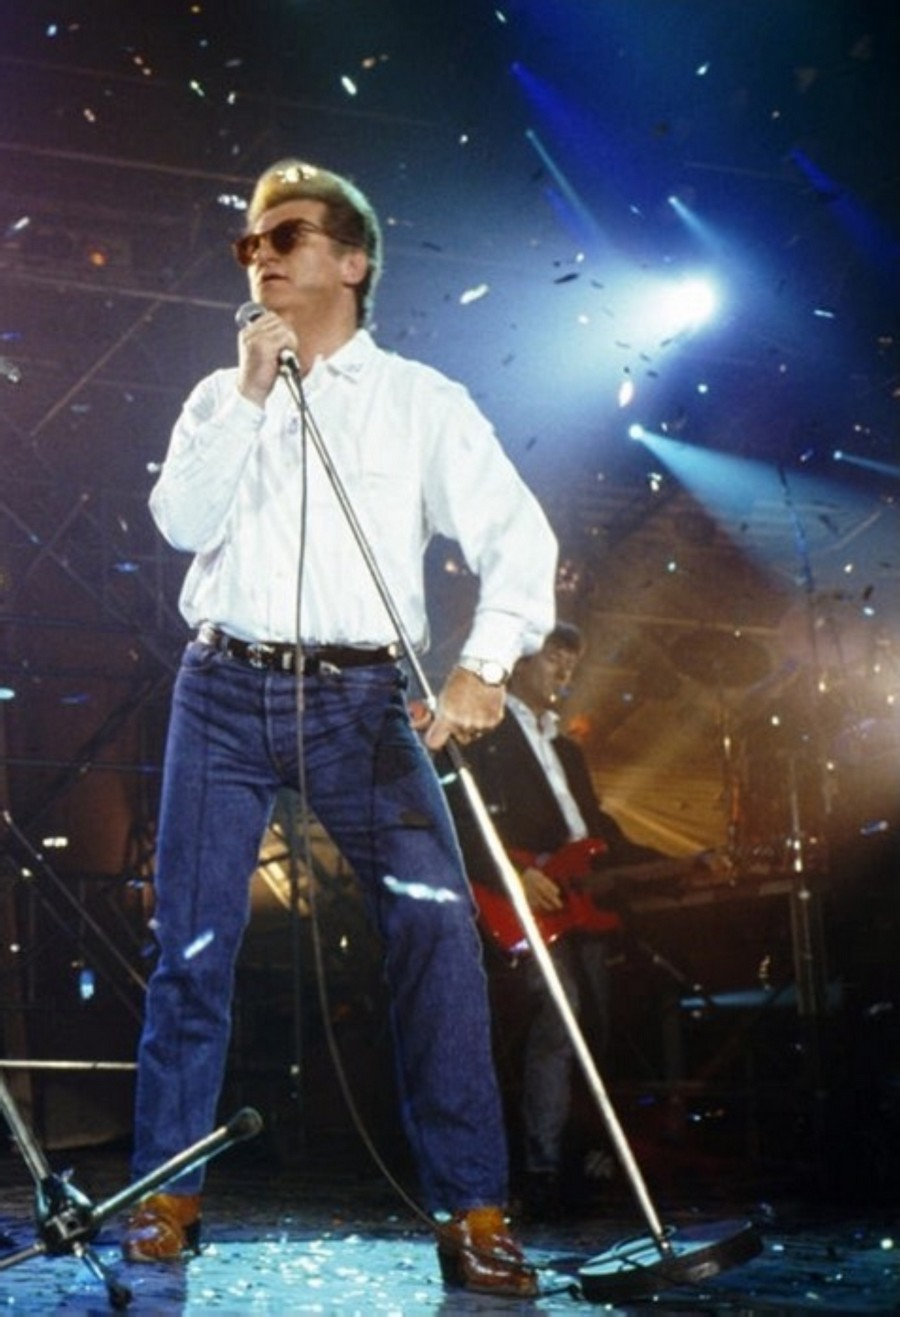 LES CONCERTS DE JOHNNY 'GENERATION ROCK N ROLL, PALAIS DES SPORTS 1989' 89-g0117